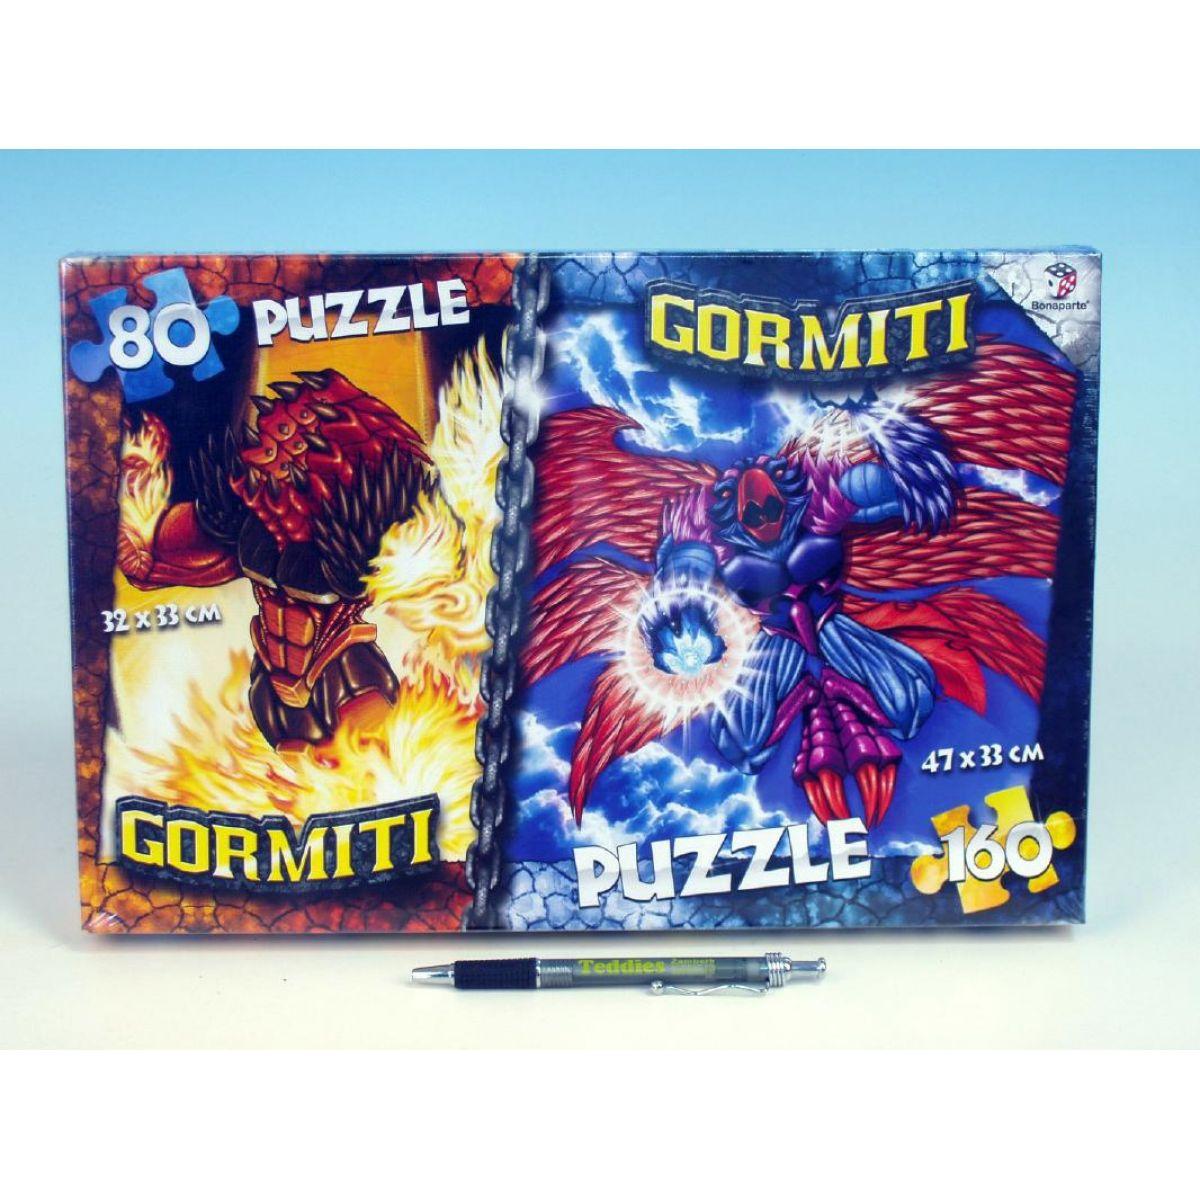 BONAPARTE 06751 - Puzzle 80/160 Gormiti